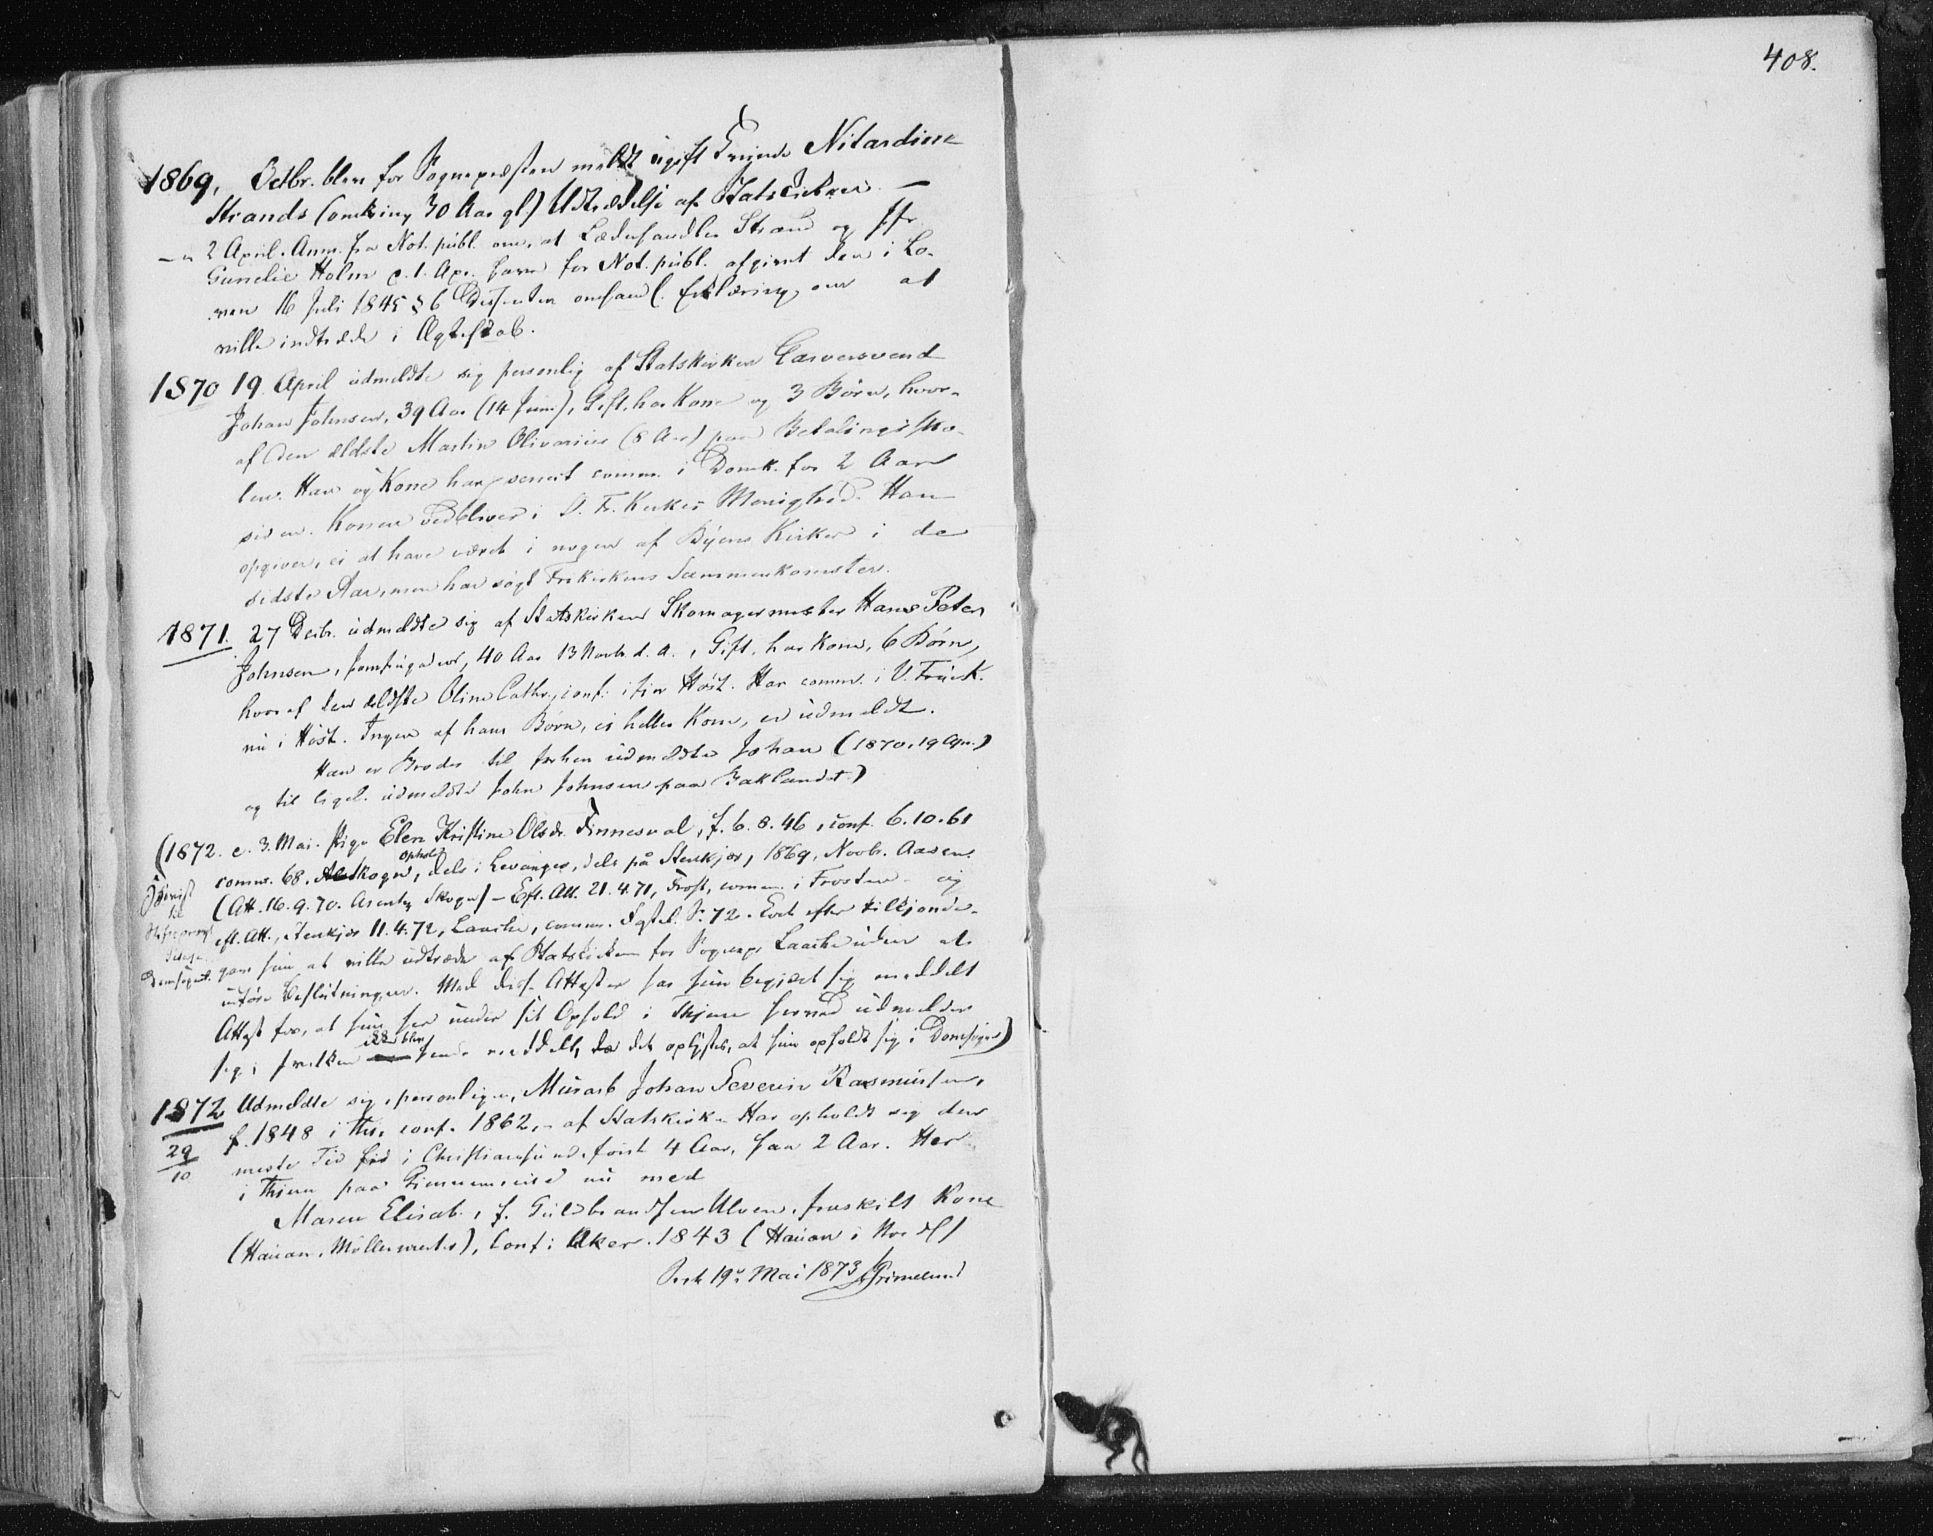 SAT, Ministerialprotokoller, klokkerbøker og fødselsregistre - Sør-Trøndelag, 602/L0115: Ministerialbok nr. 602A13, 1860-1872, s. 408